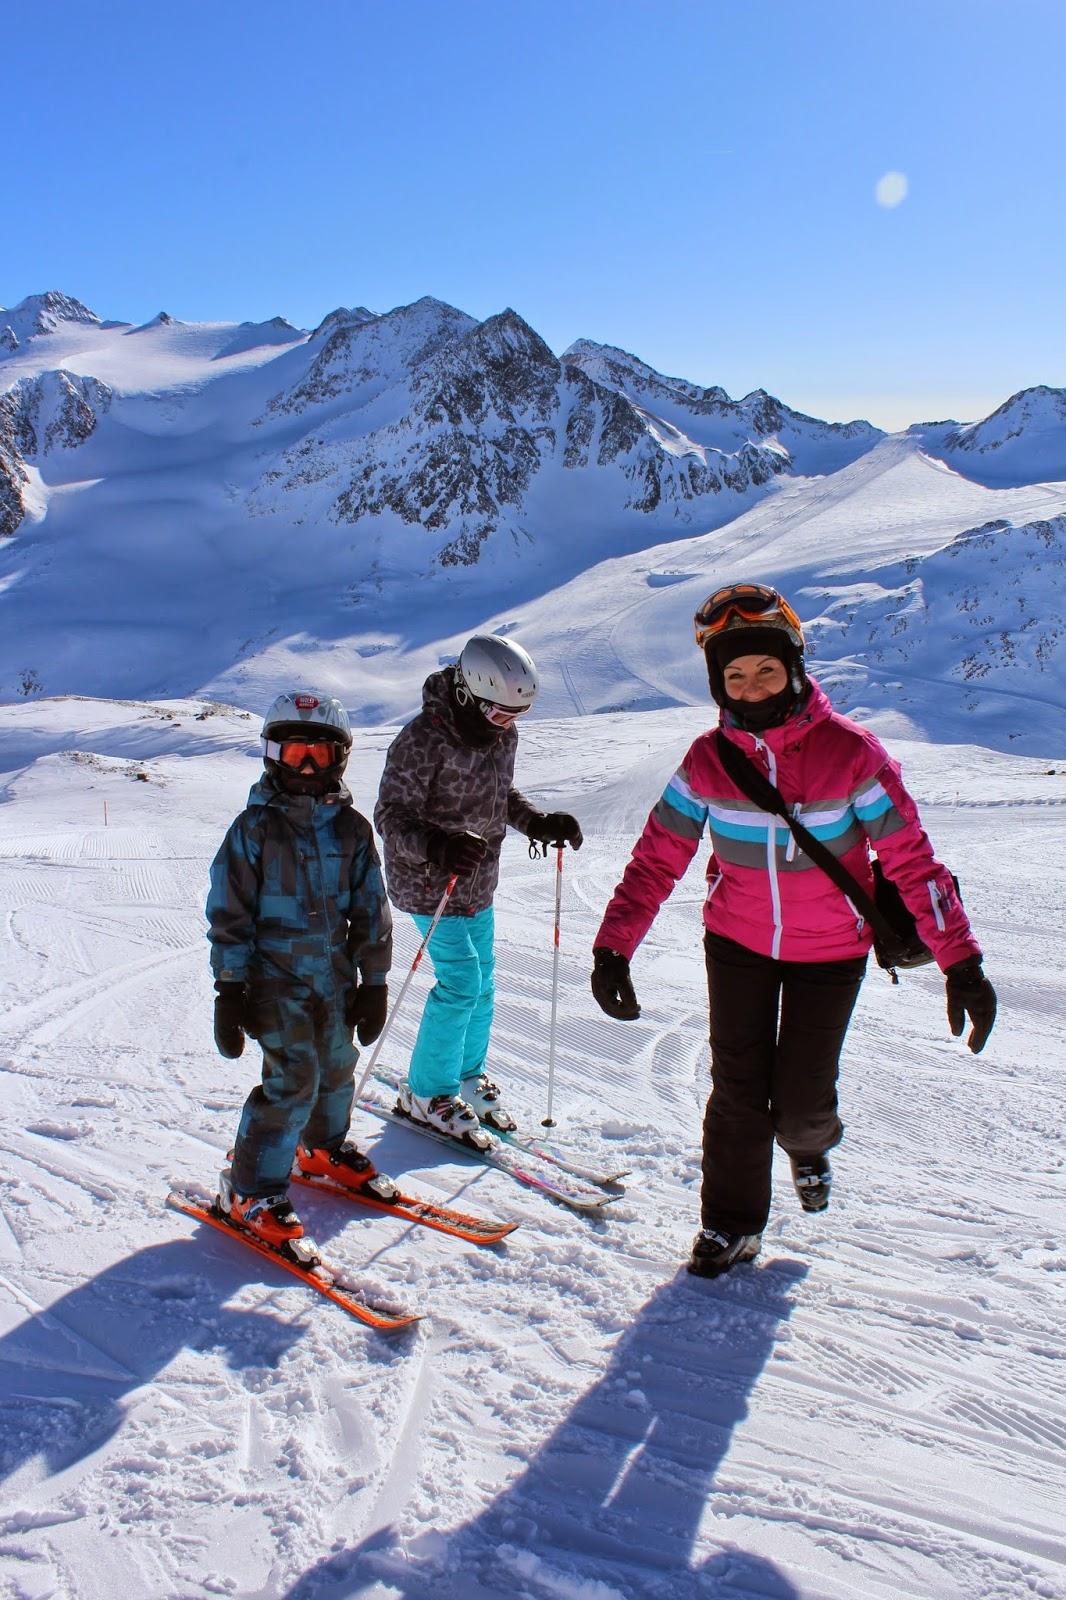 kask, różowa kurtka, blog, dzieci, spodnie narciarskie dla dziewczynki, narty, nordica